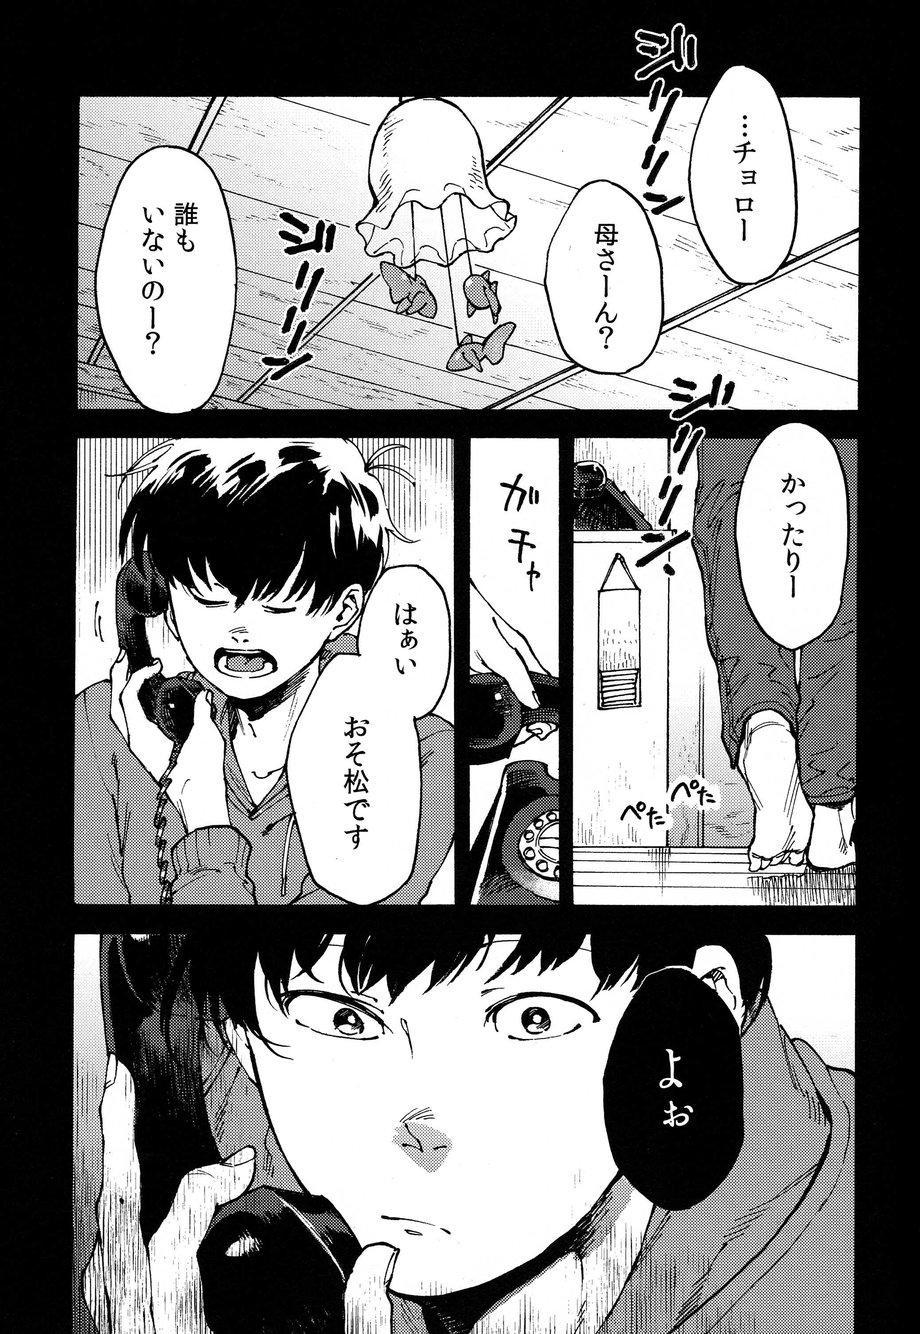 Hakkaku mae / Hakkaku Go 35